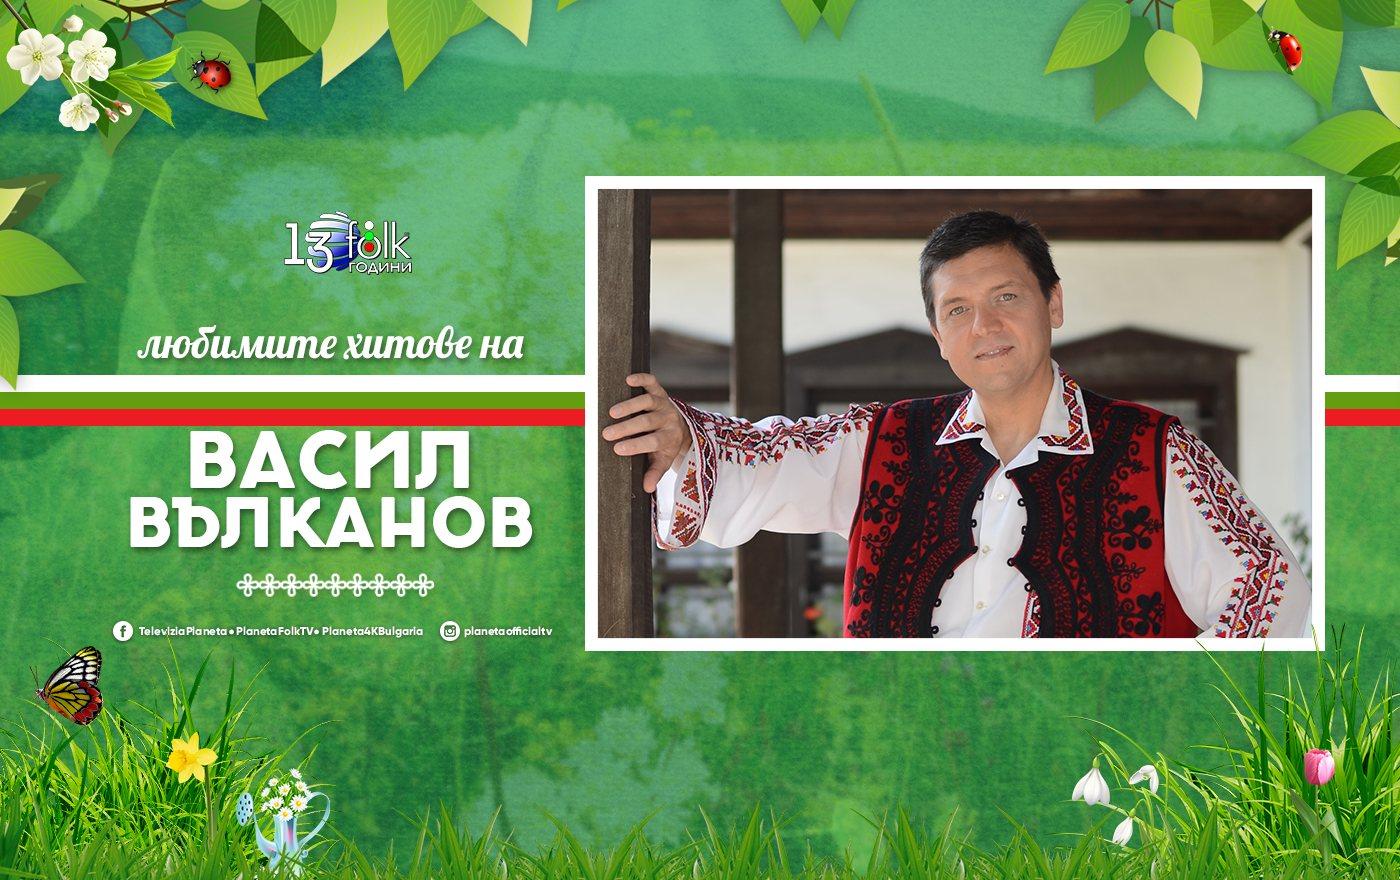 Васил Вълканов отдаден на музиката и образованието